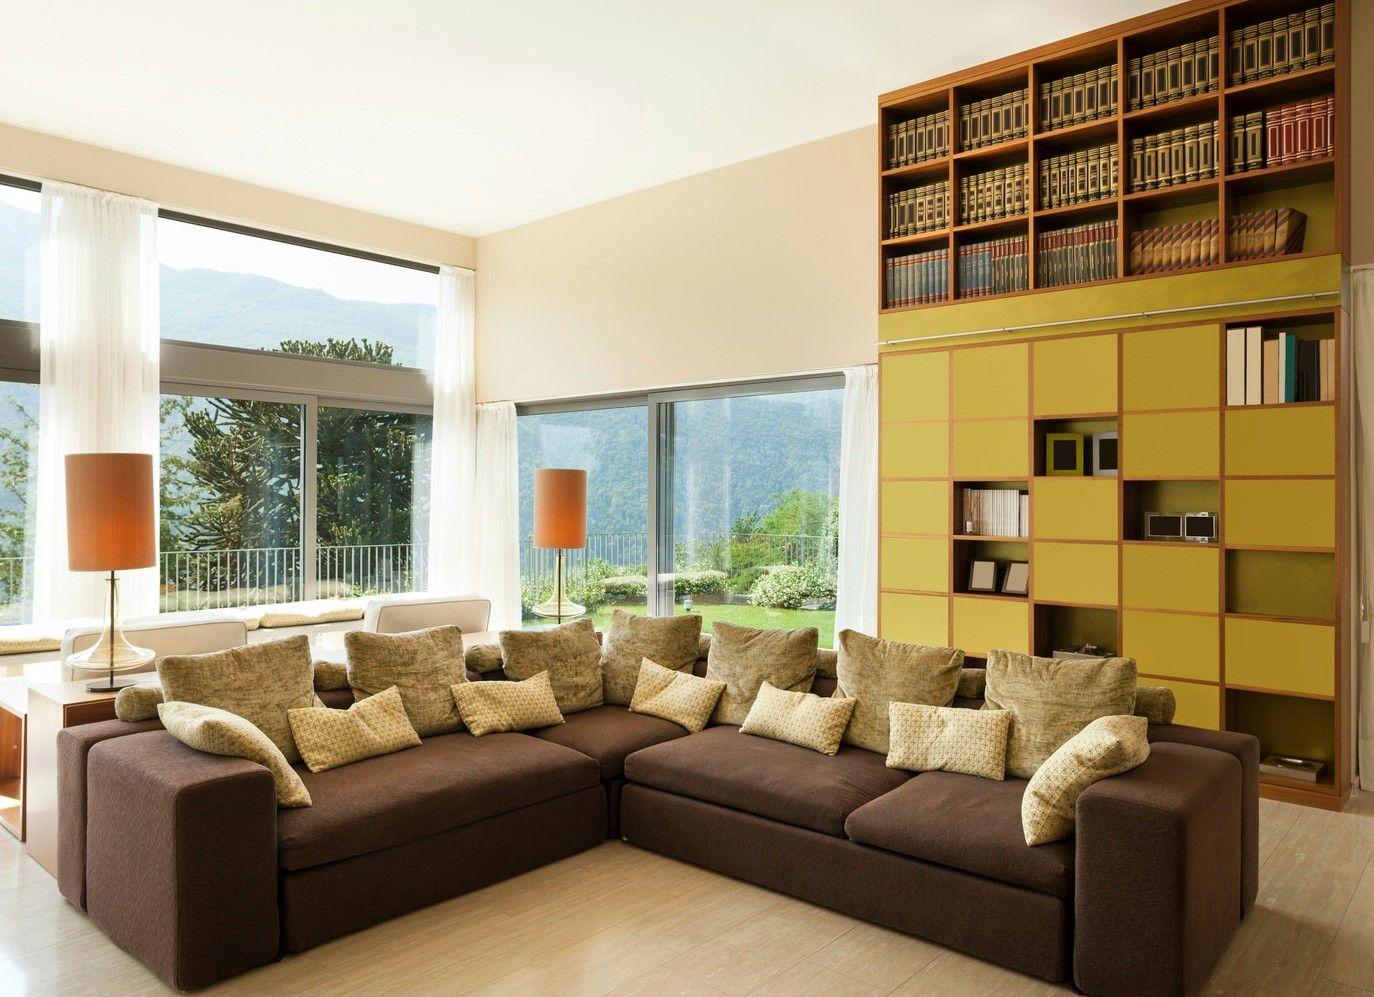 Wohnzimmer Ziegelwand ~ 7 besten 33 wohnzimmer akzent wand ideen zu jazz it up! bilder auf